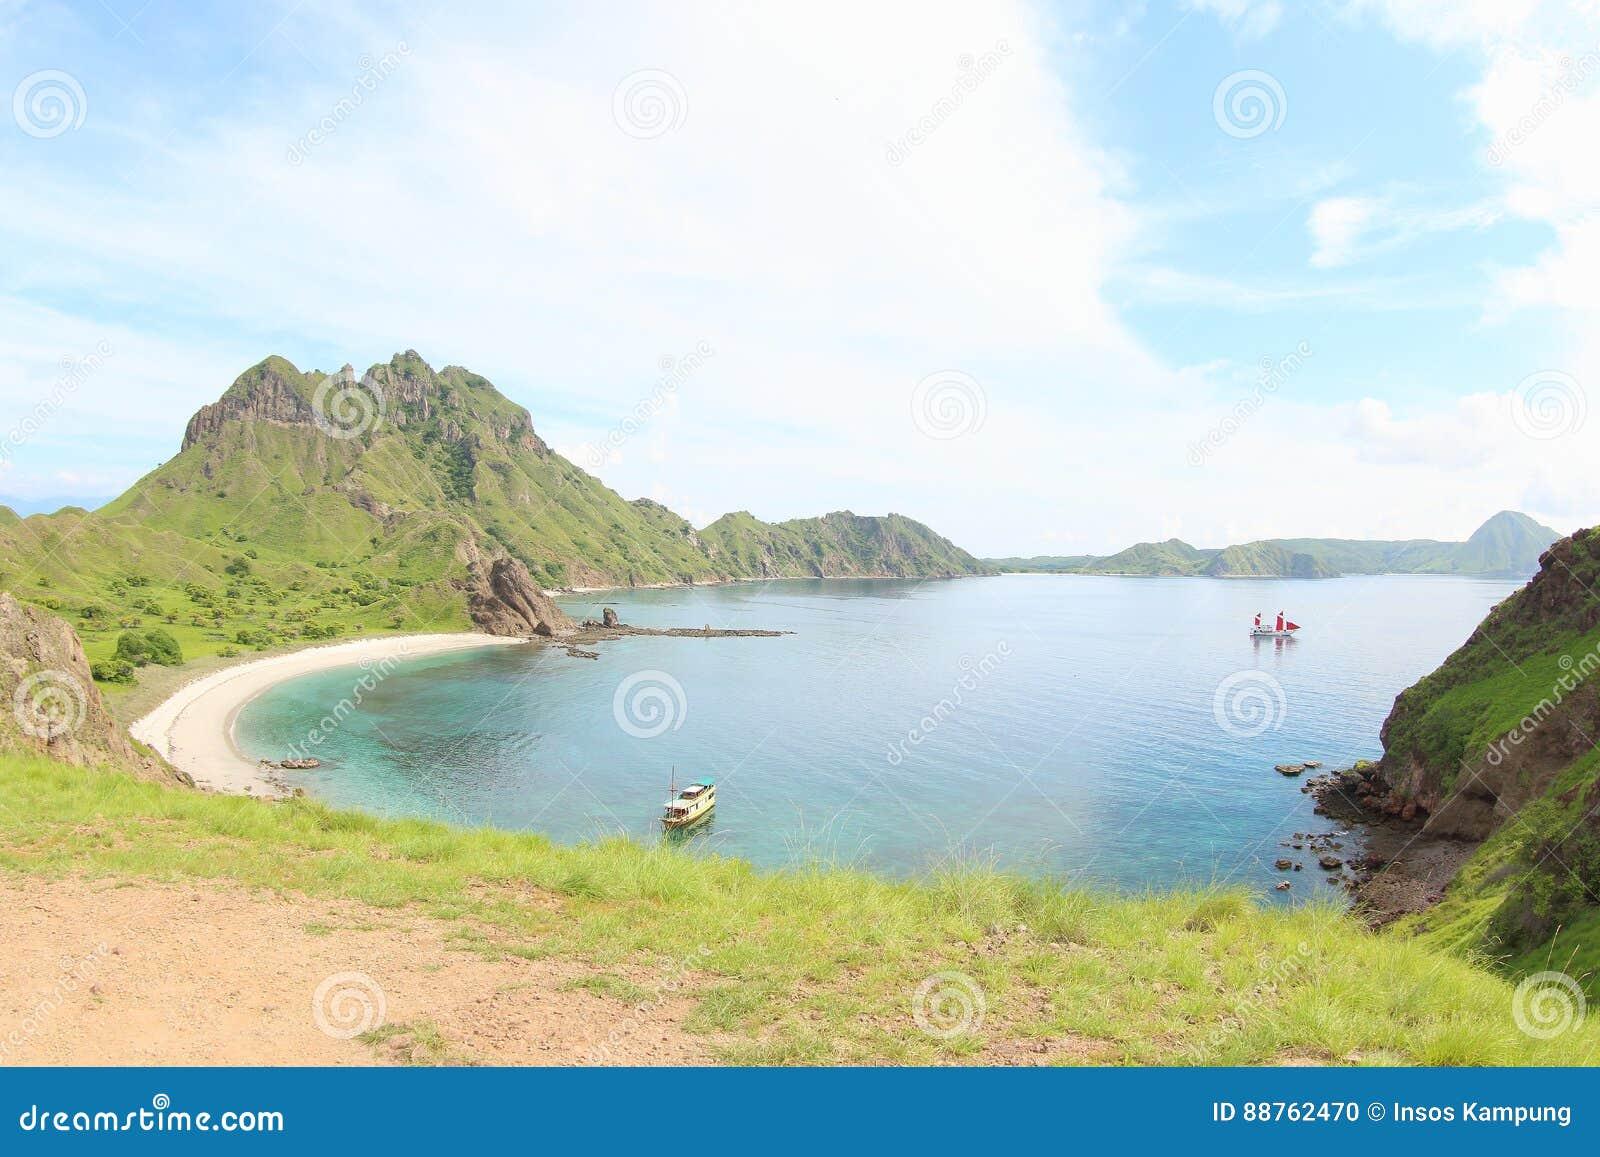 Padar Island, Flores